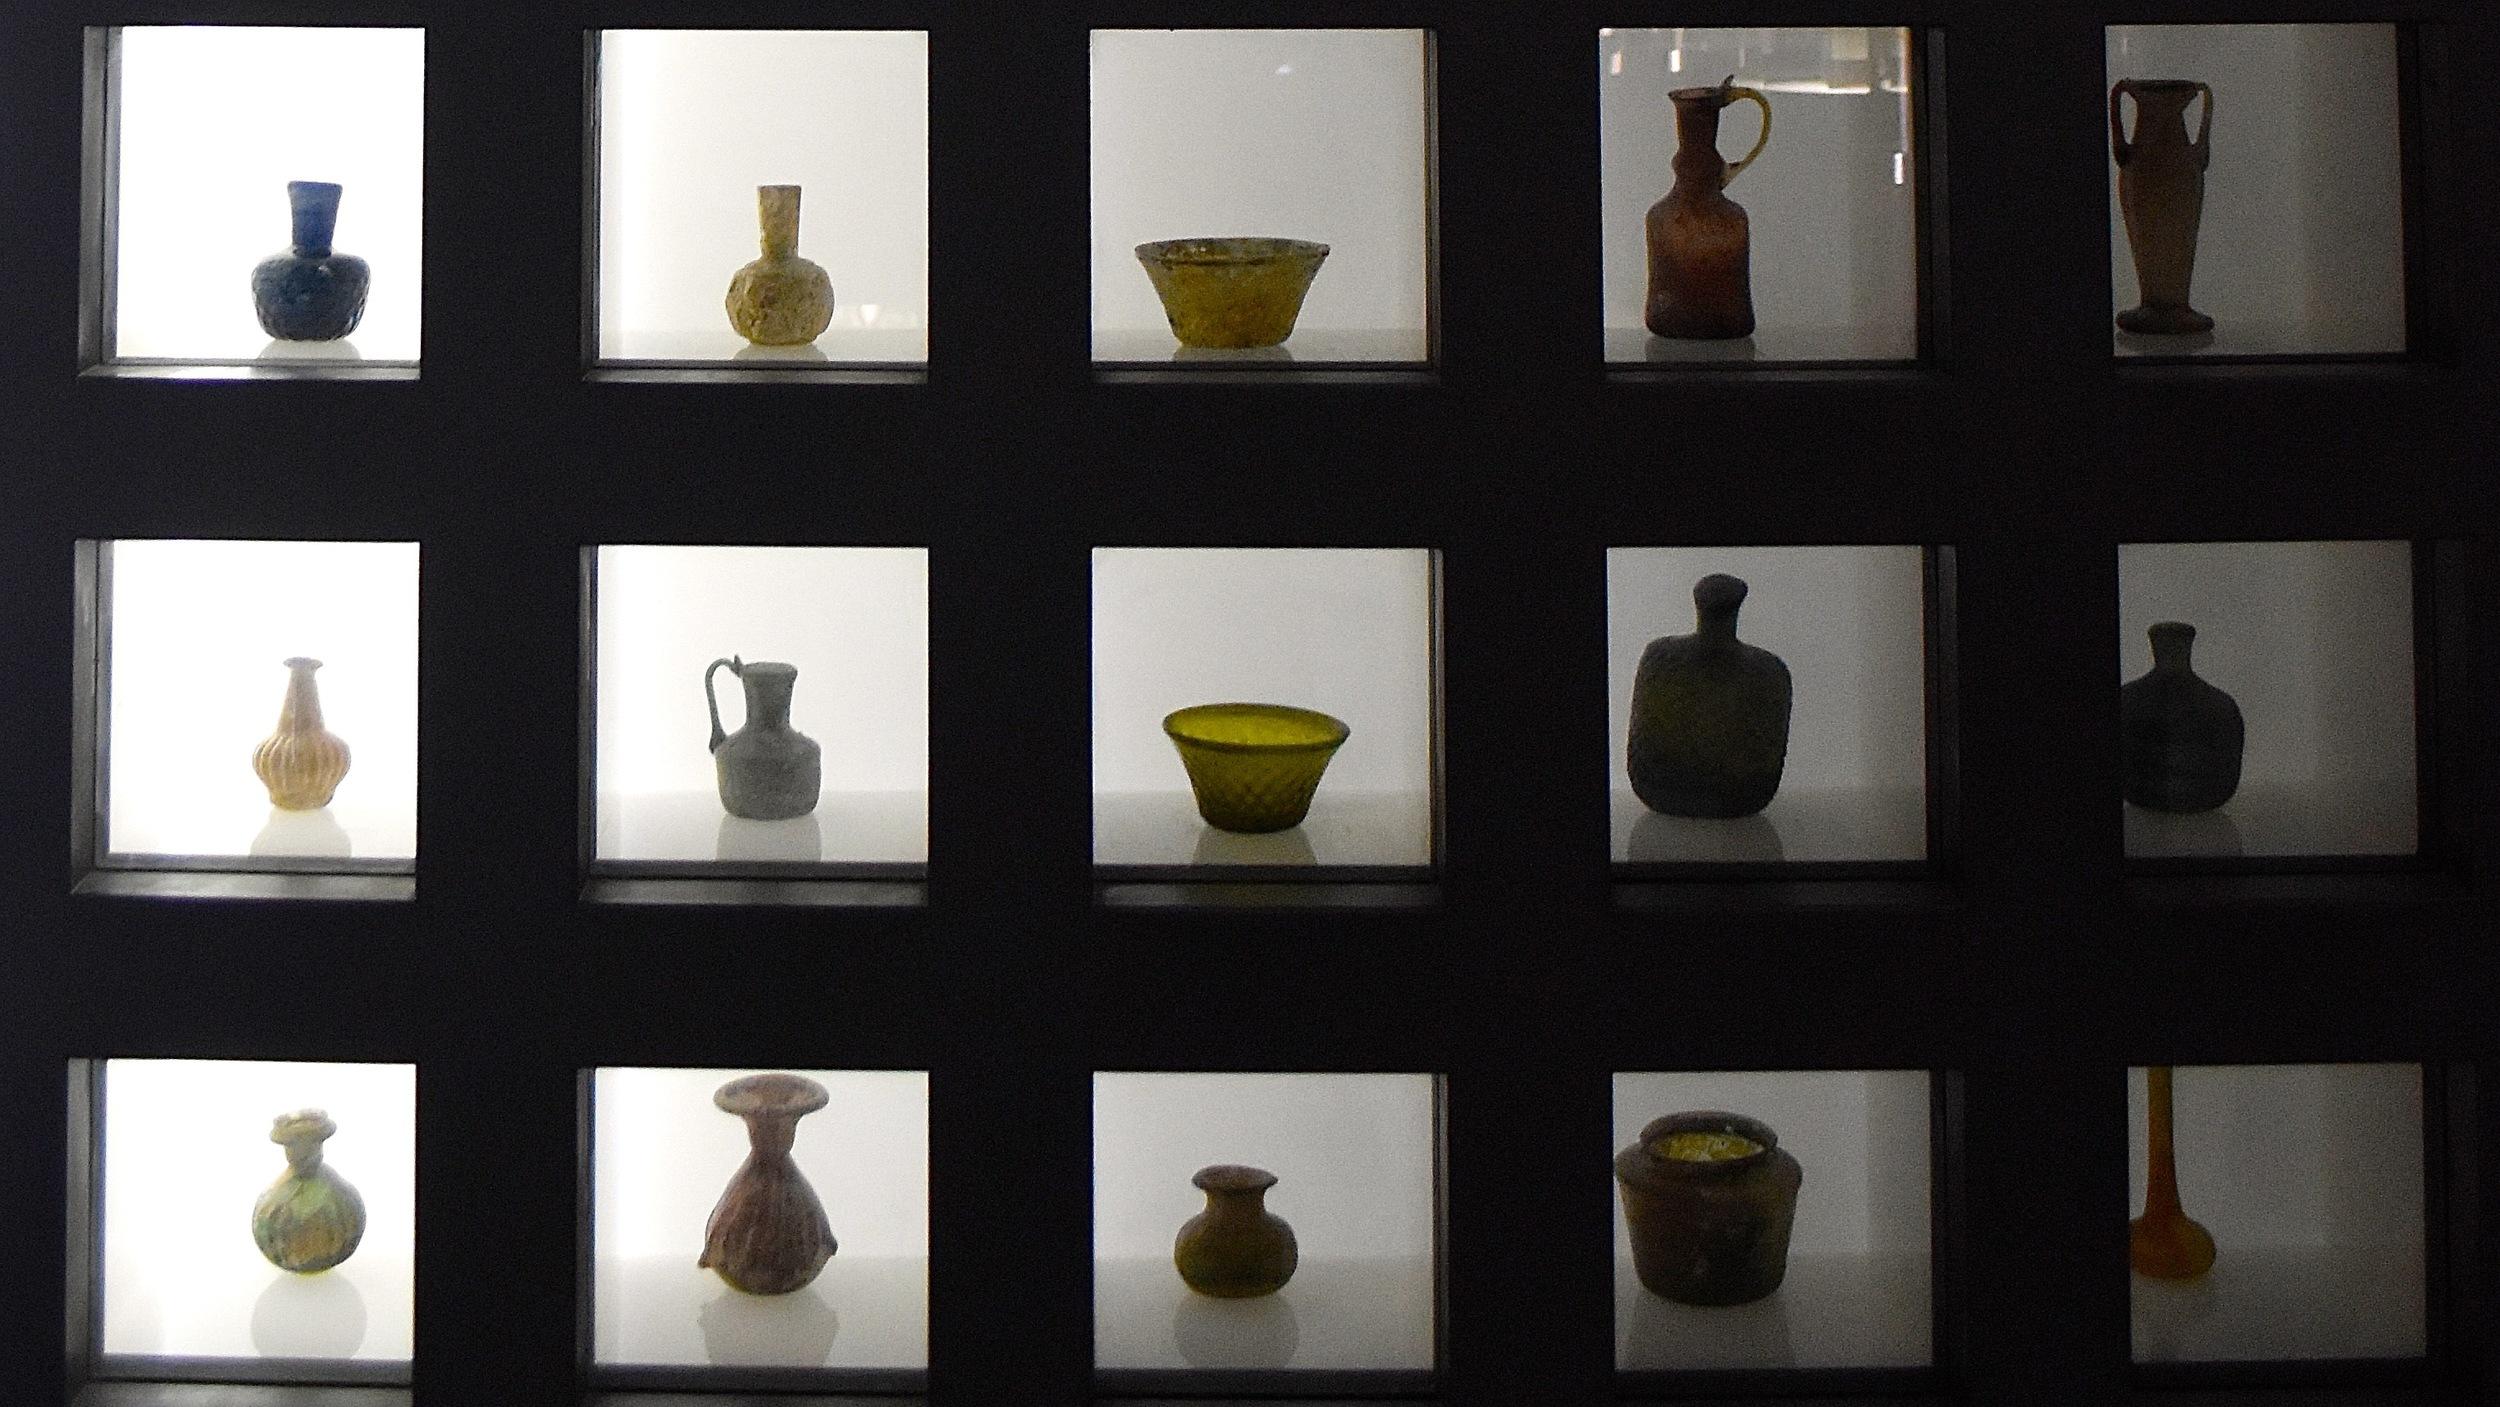 Iran-Tehran-Glass-Ceramics-Museum-shelf.jpg